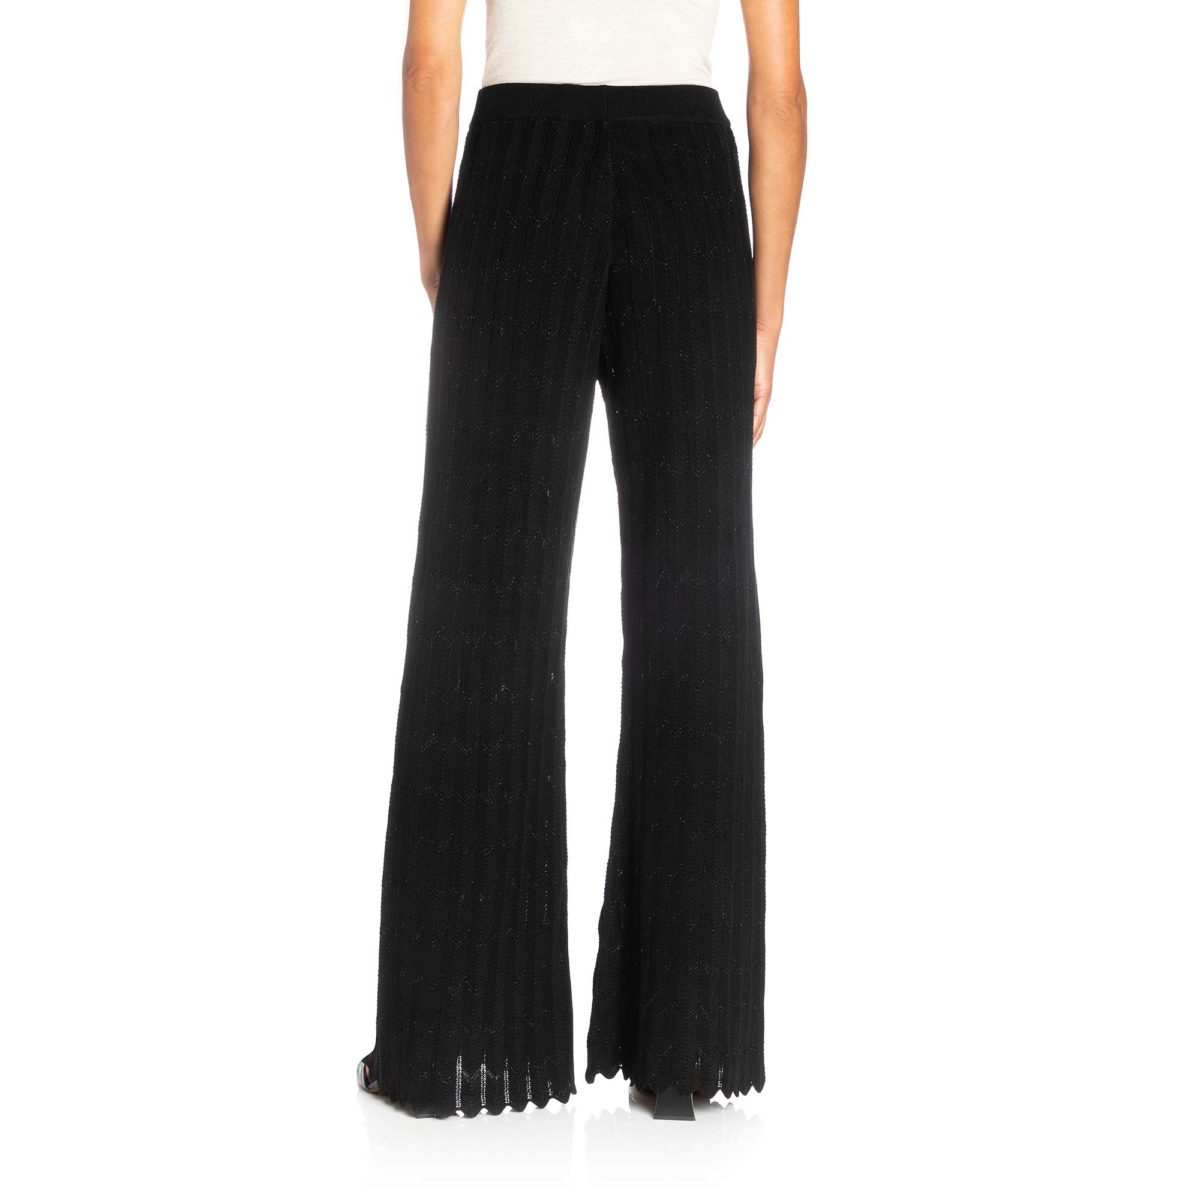 Pantalone Wide leg in maglia Nero - Nicla